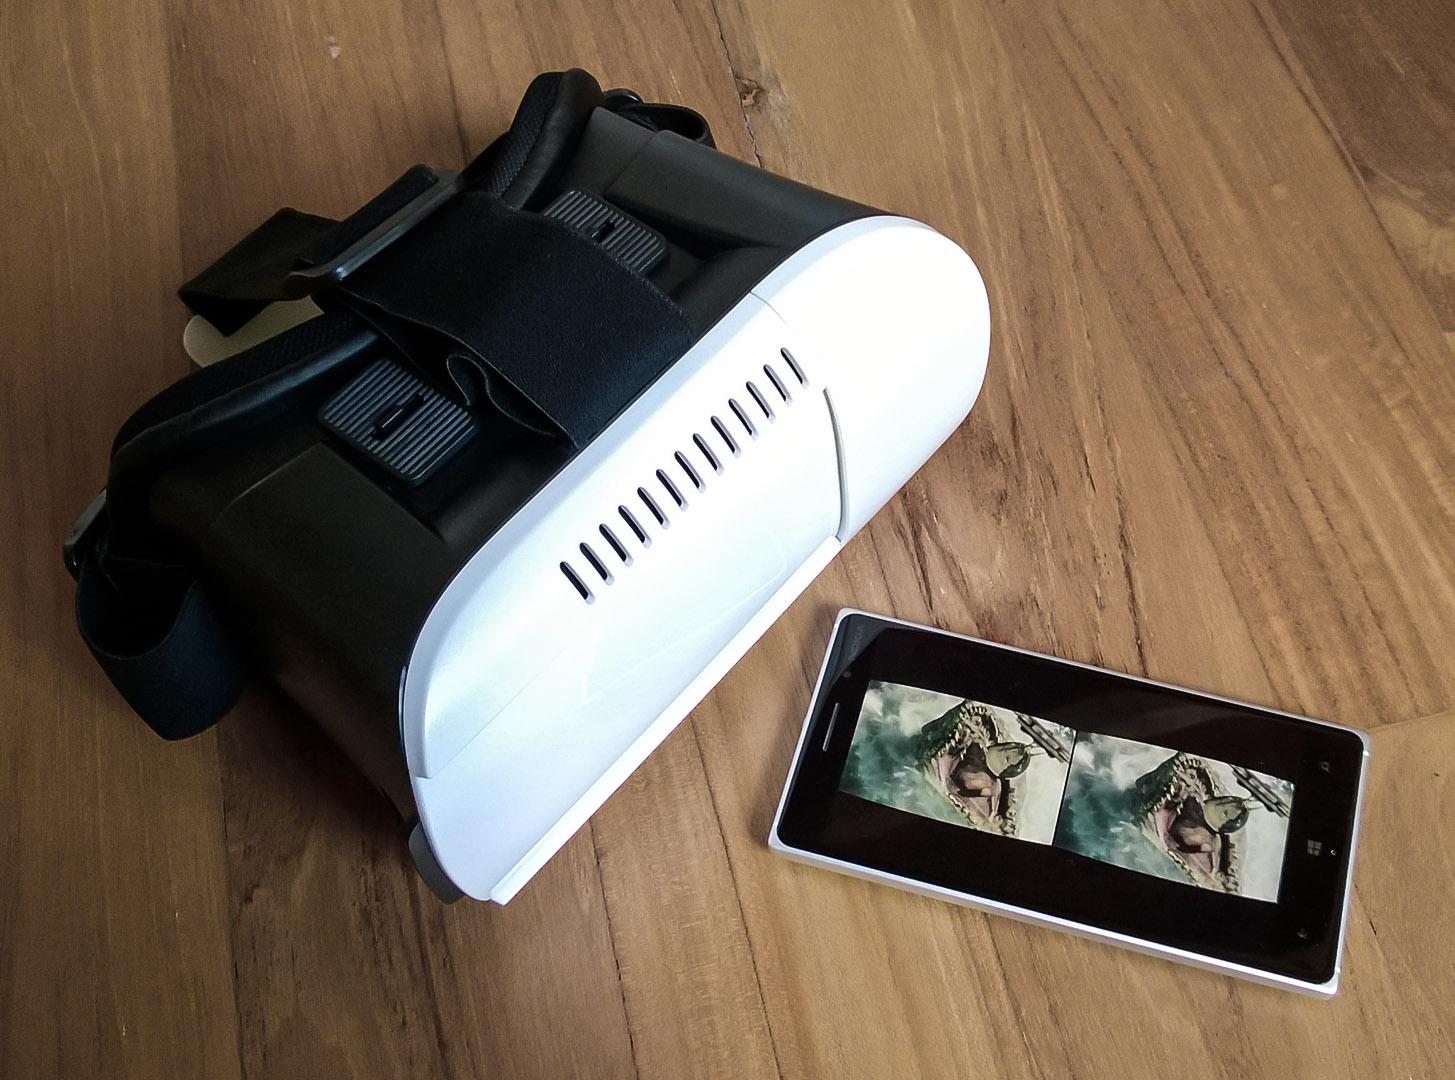 Unboxing 3D Innori visore stereoscopico realtà virtuale